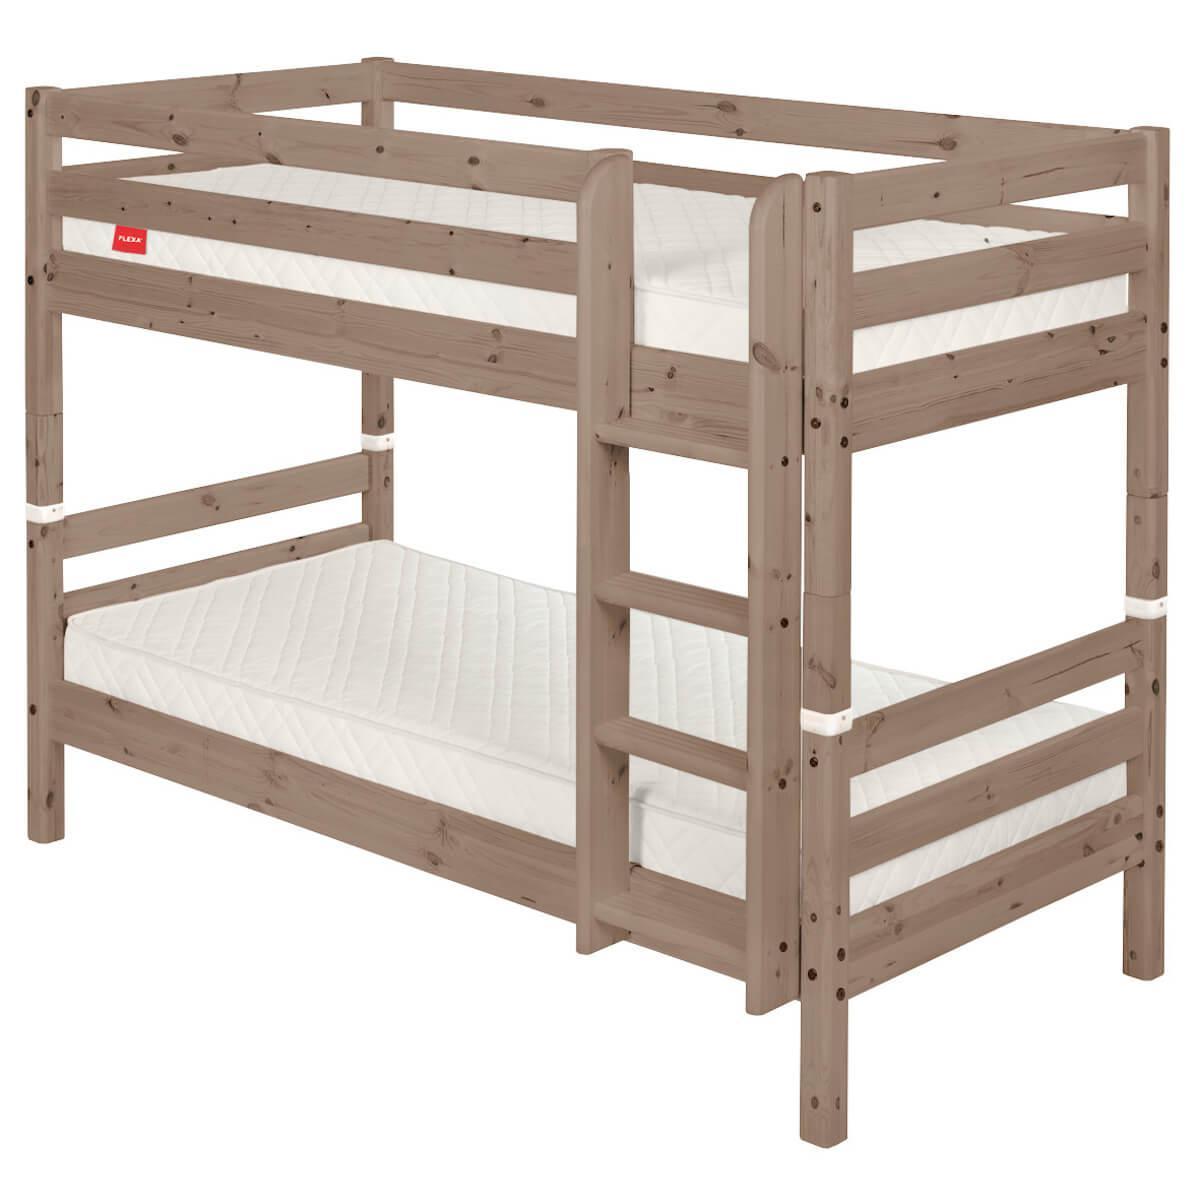 TERRA by Flexa Échelle droite et jonctions pour lit superposé hauteur 154 cm.